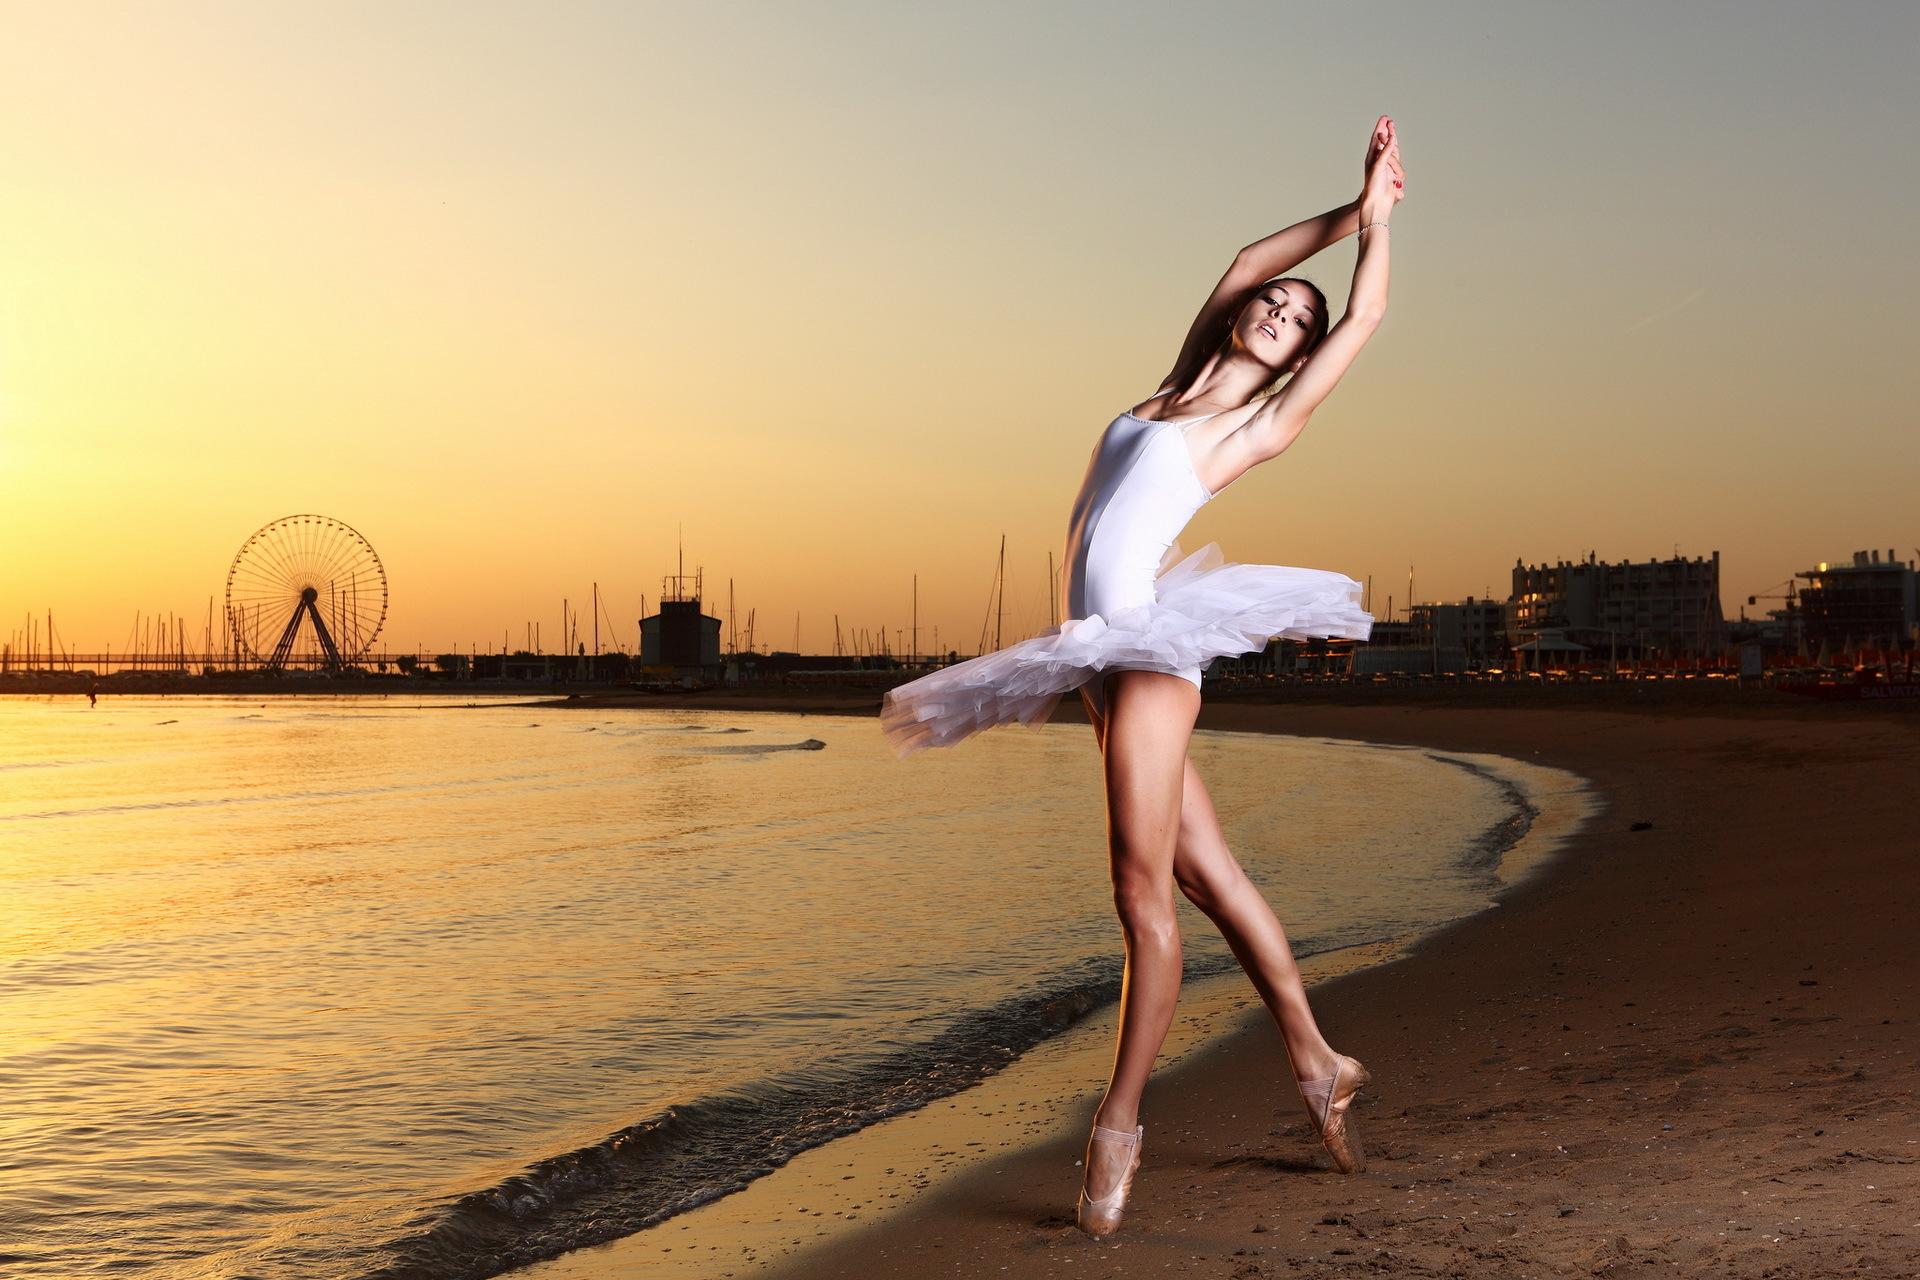 ballet girl wallpaper - photo #37